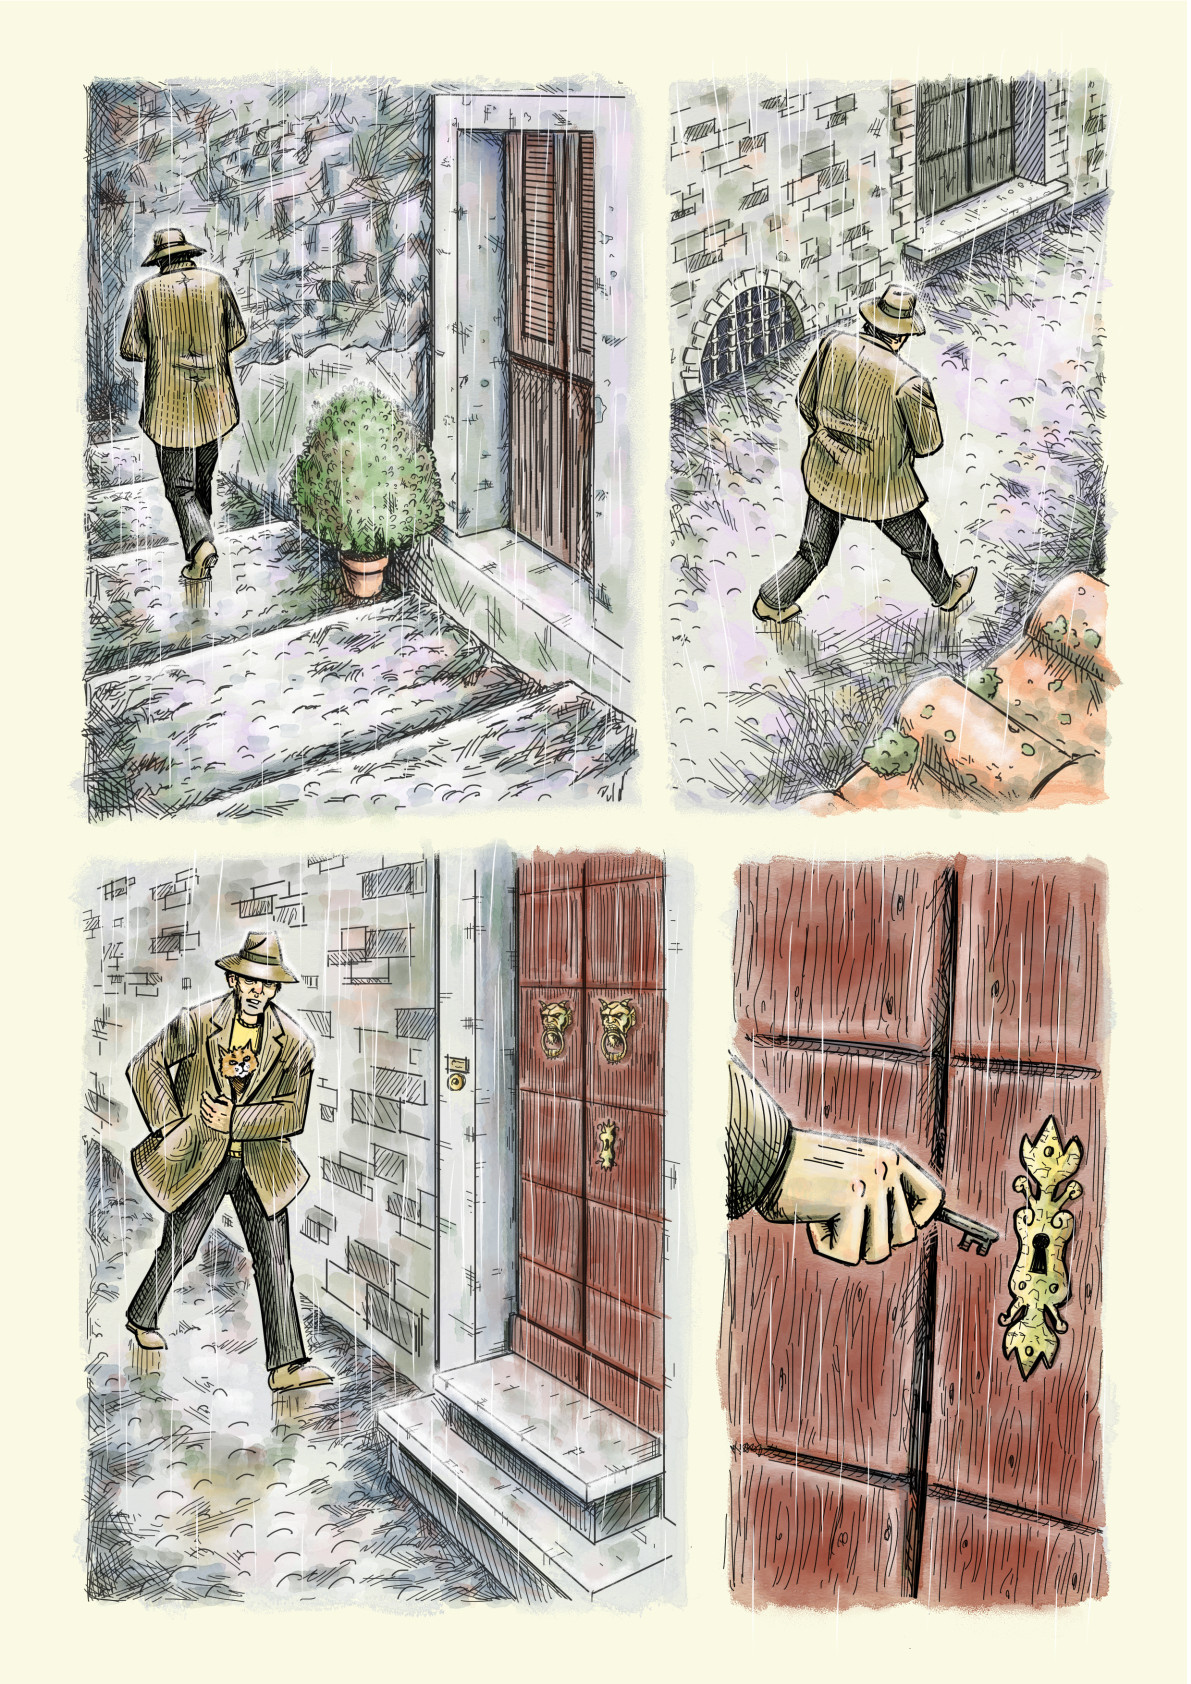 John ciarfuglia page 3 art